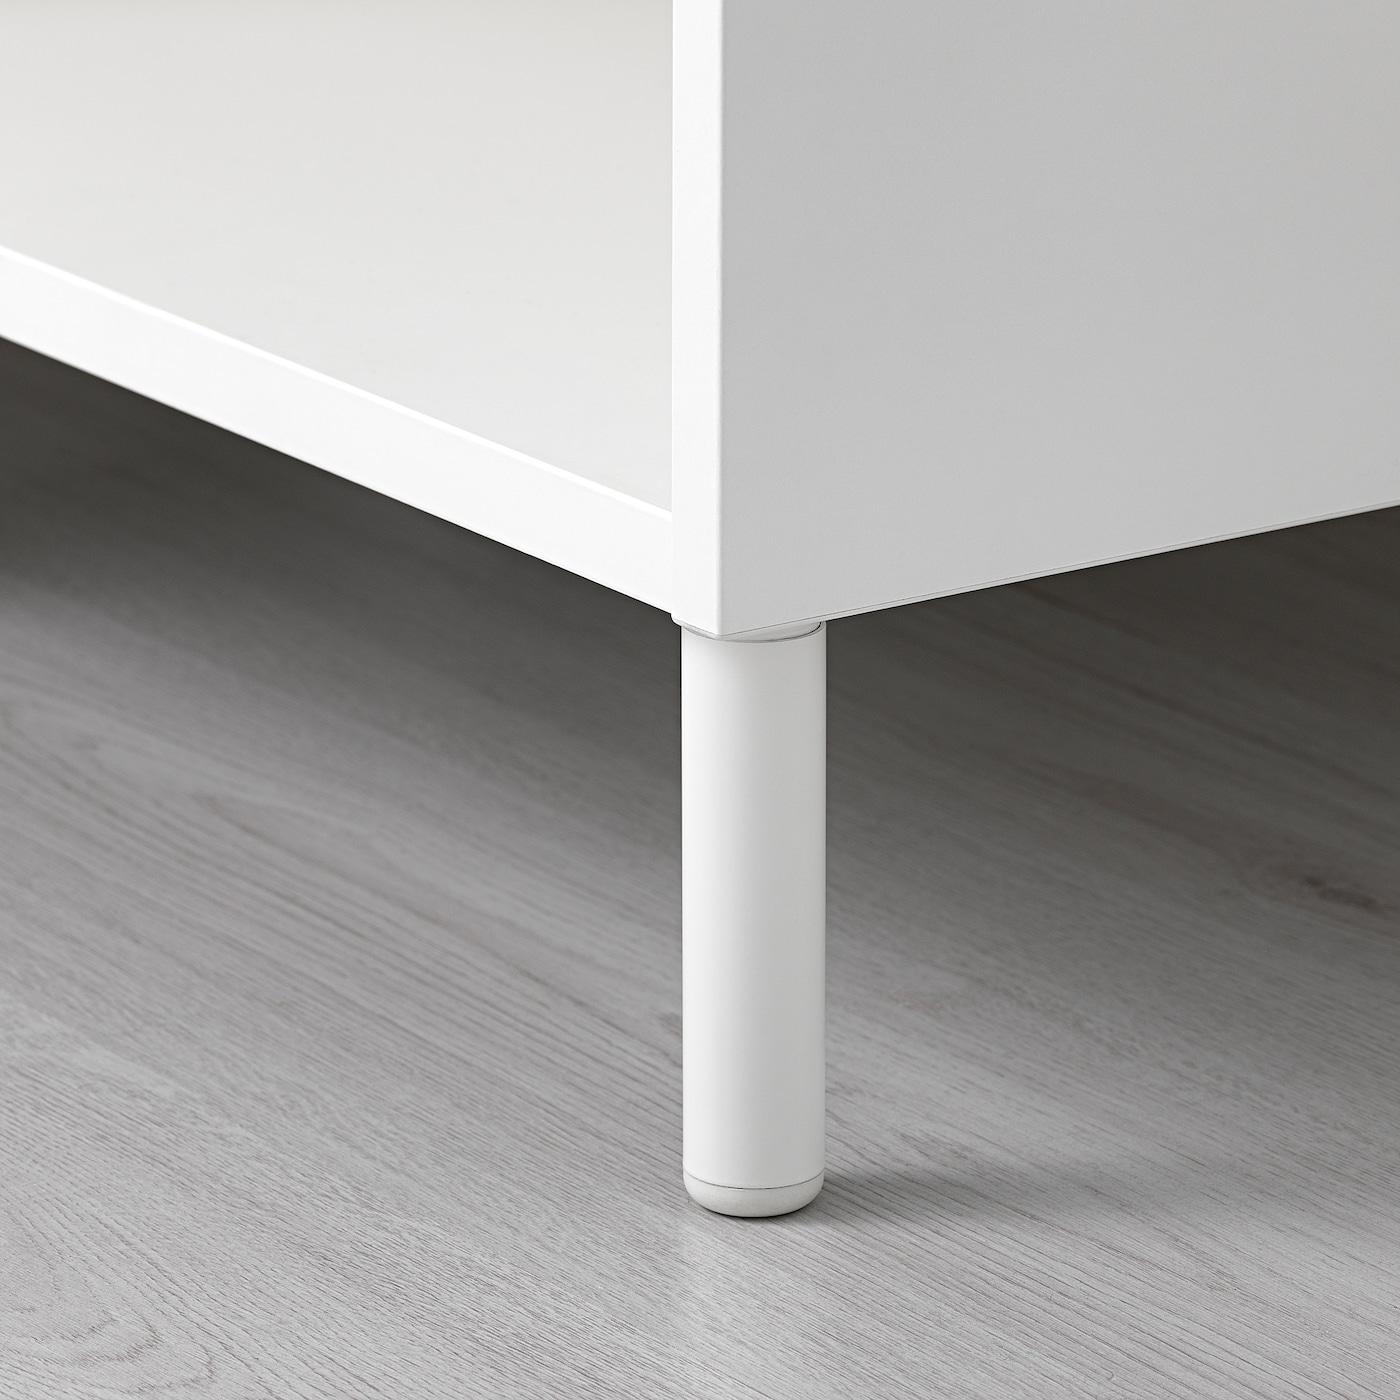 PLATSA Šatní skříň, bílá/Fonnes bílá, 160x57x231 cm